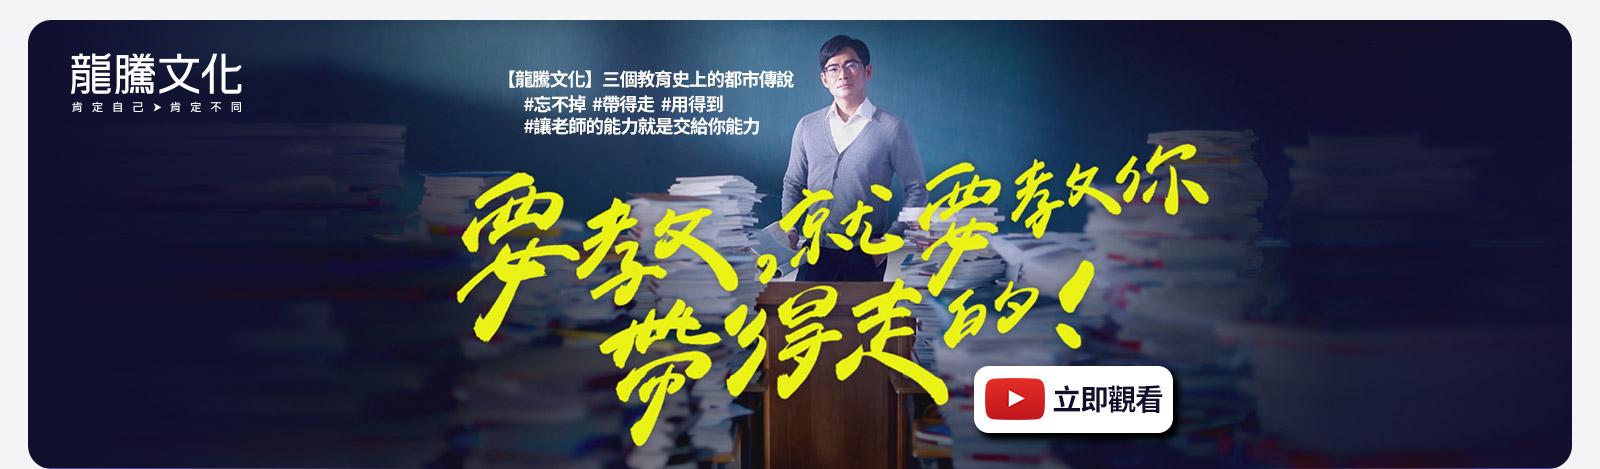 【龍騰文化】三個教育史上的都市傳說